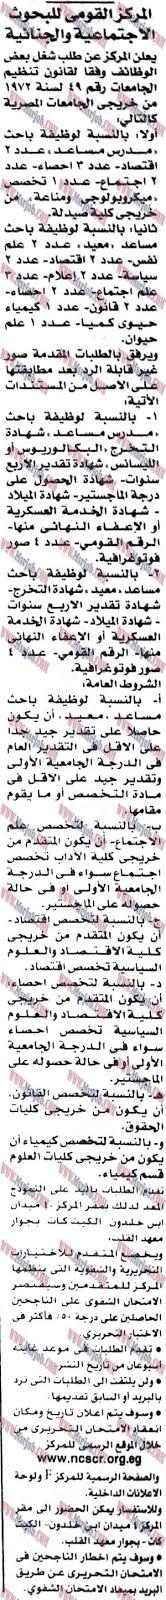 وظائف المركز القومى للبحوث الاجتماعية والجنائية للمؤهلات العليا والتقديم حتى 15 / 12 / 2016